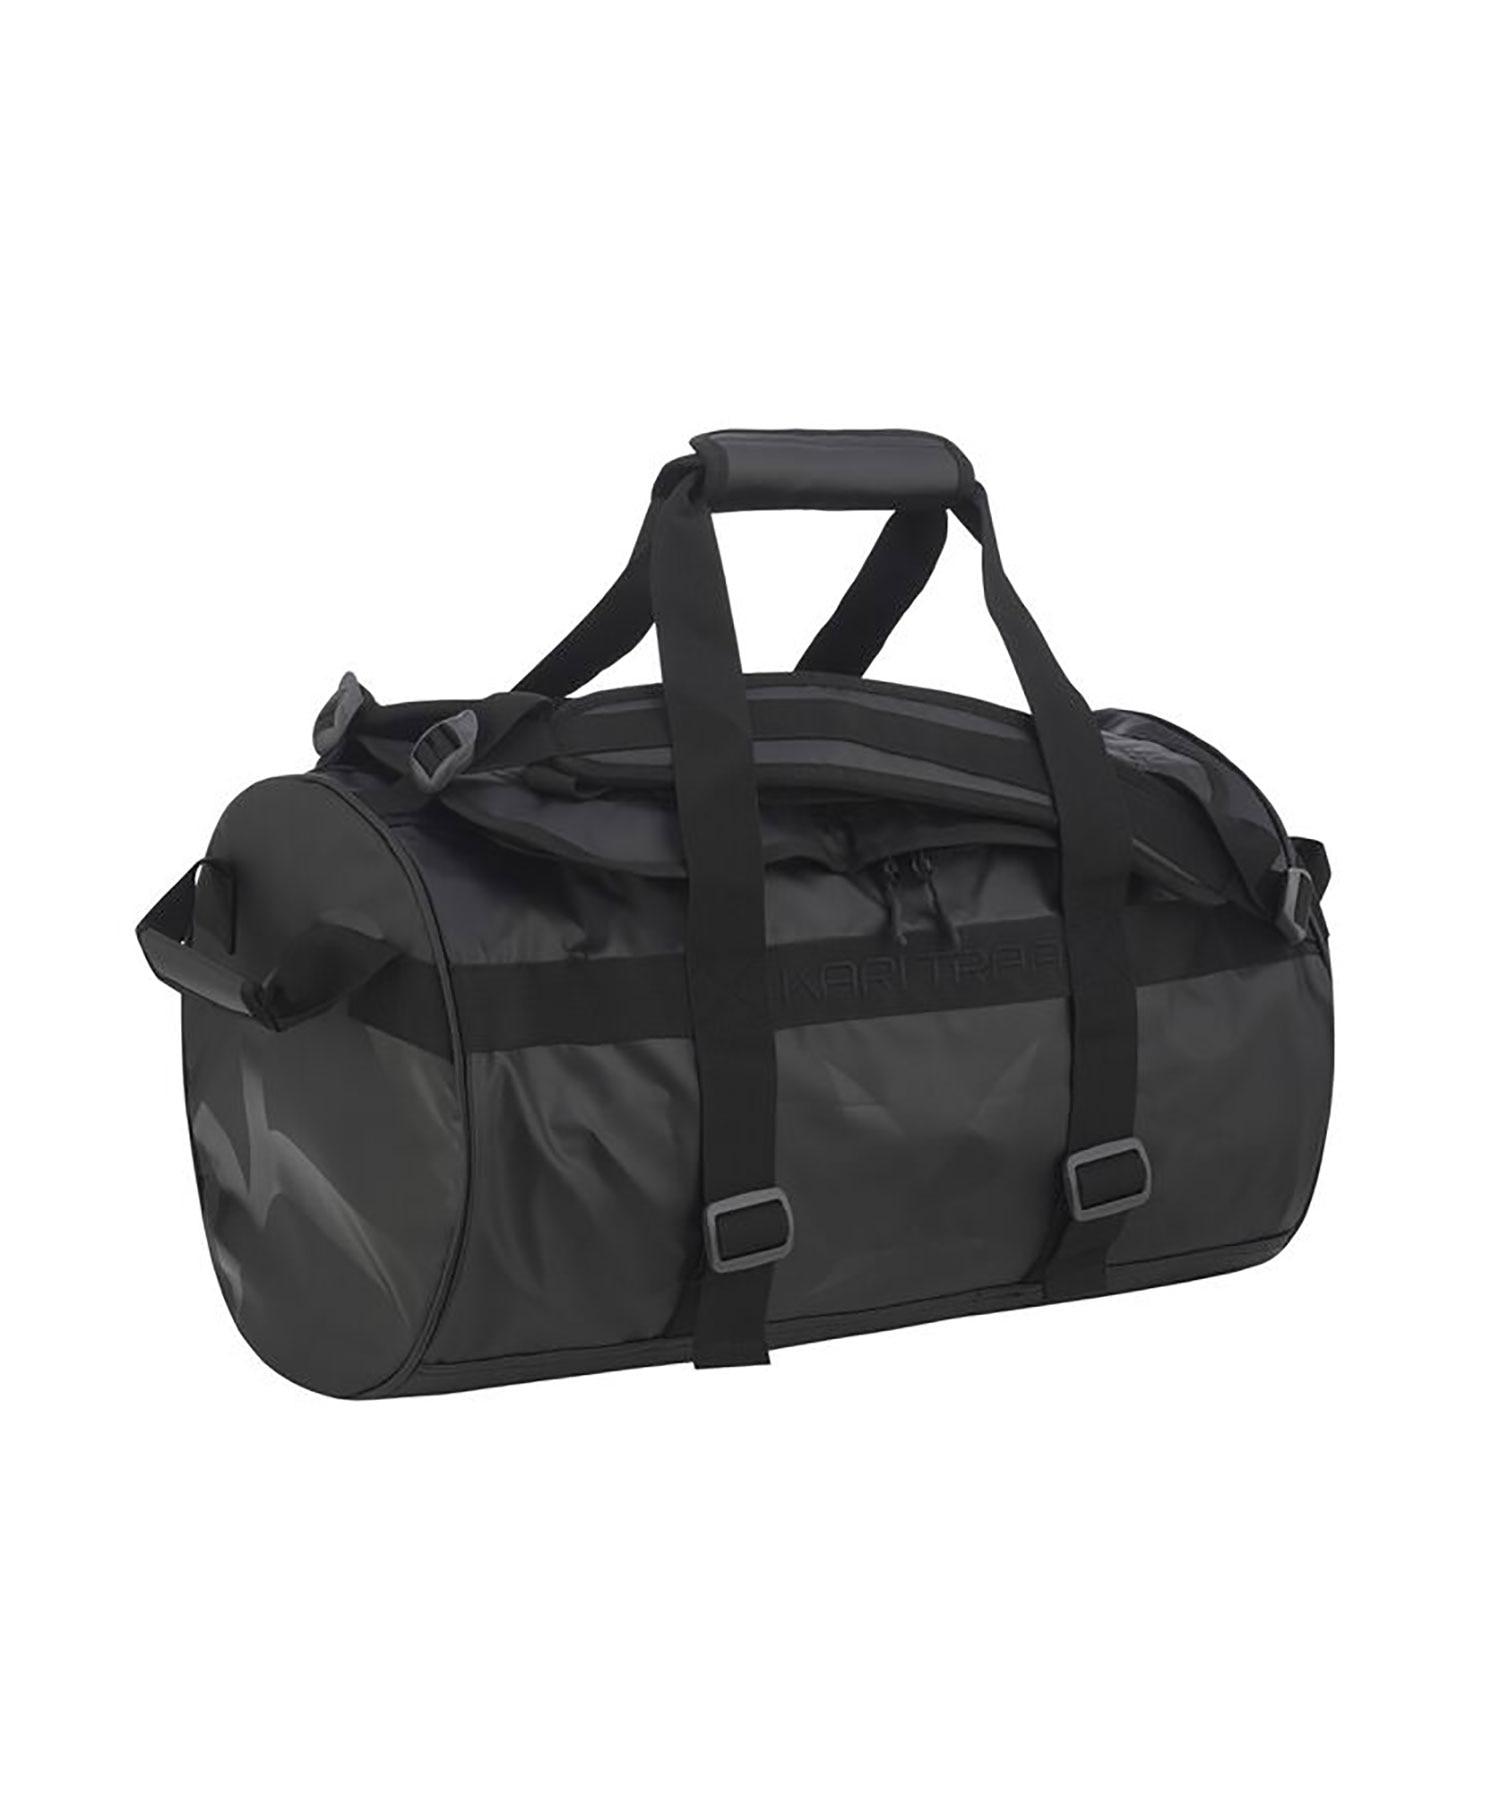 Kari Traa 30L bag